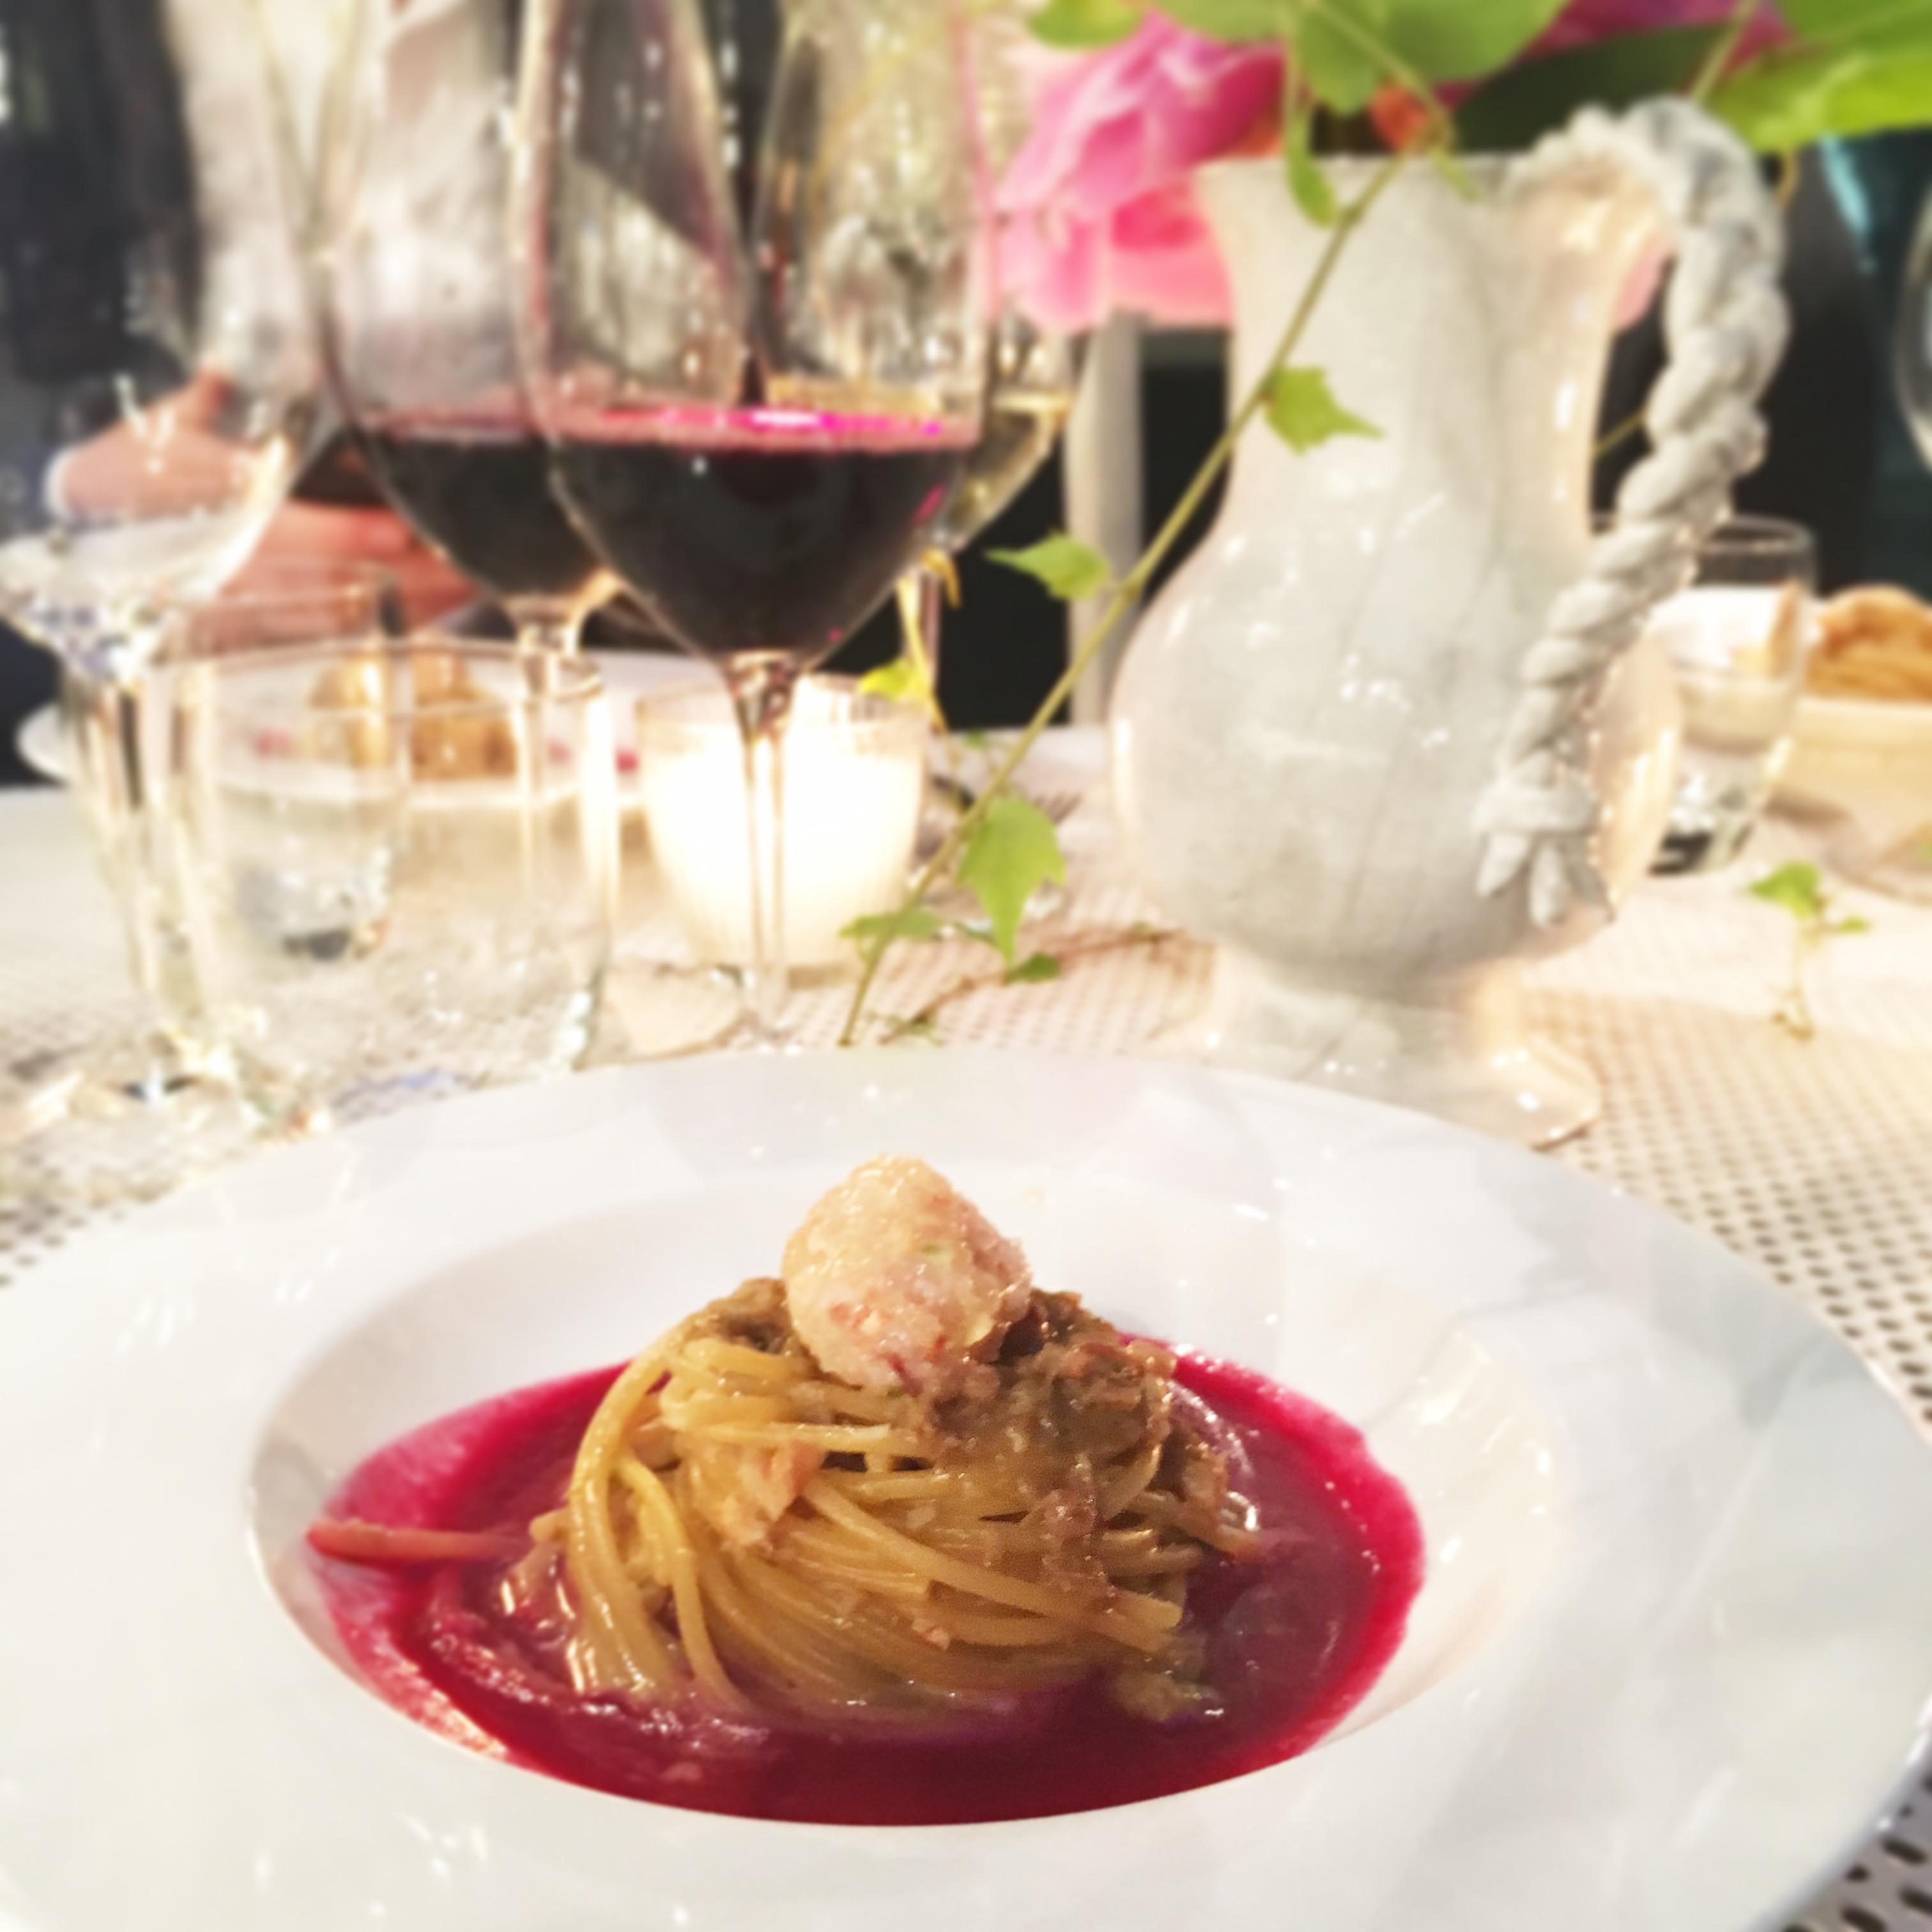 I 10 migliori ristoranti a Milano da provare nel 2017 ...